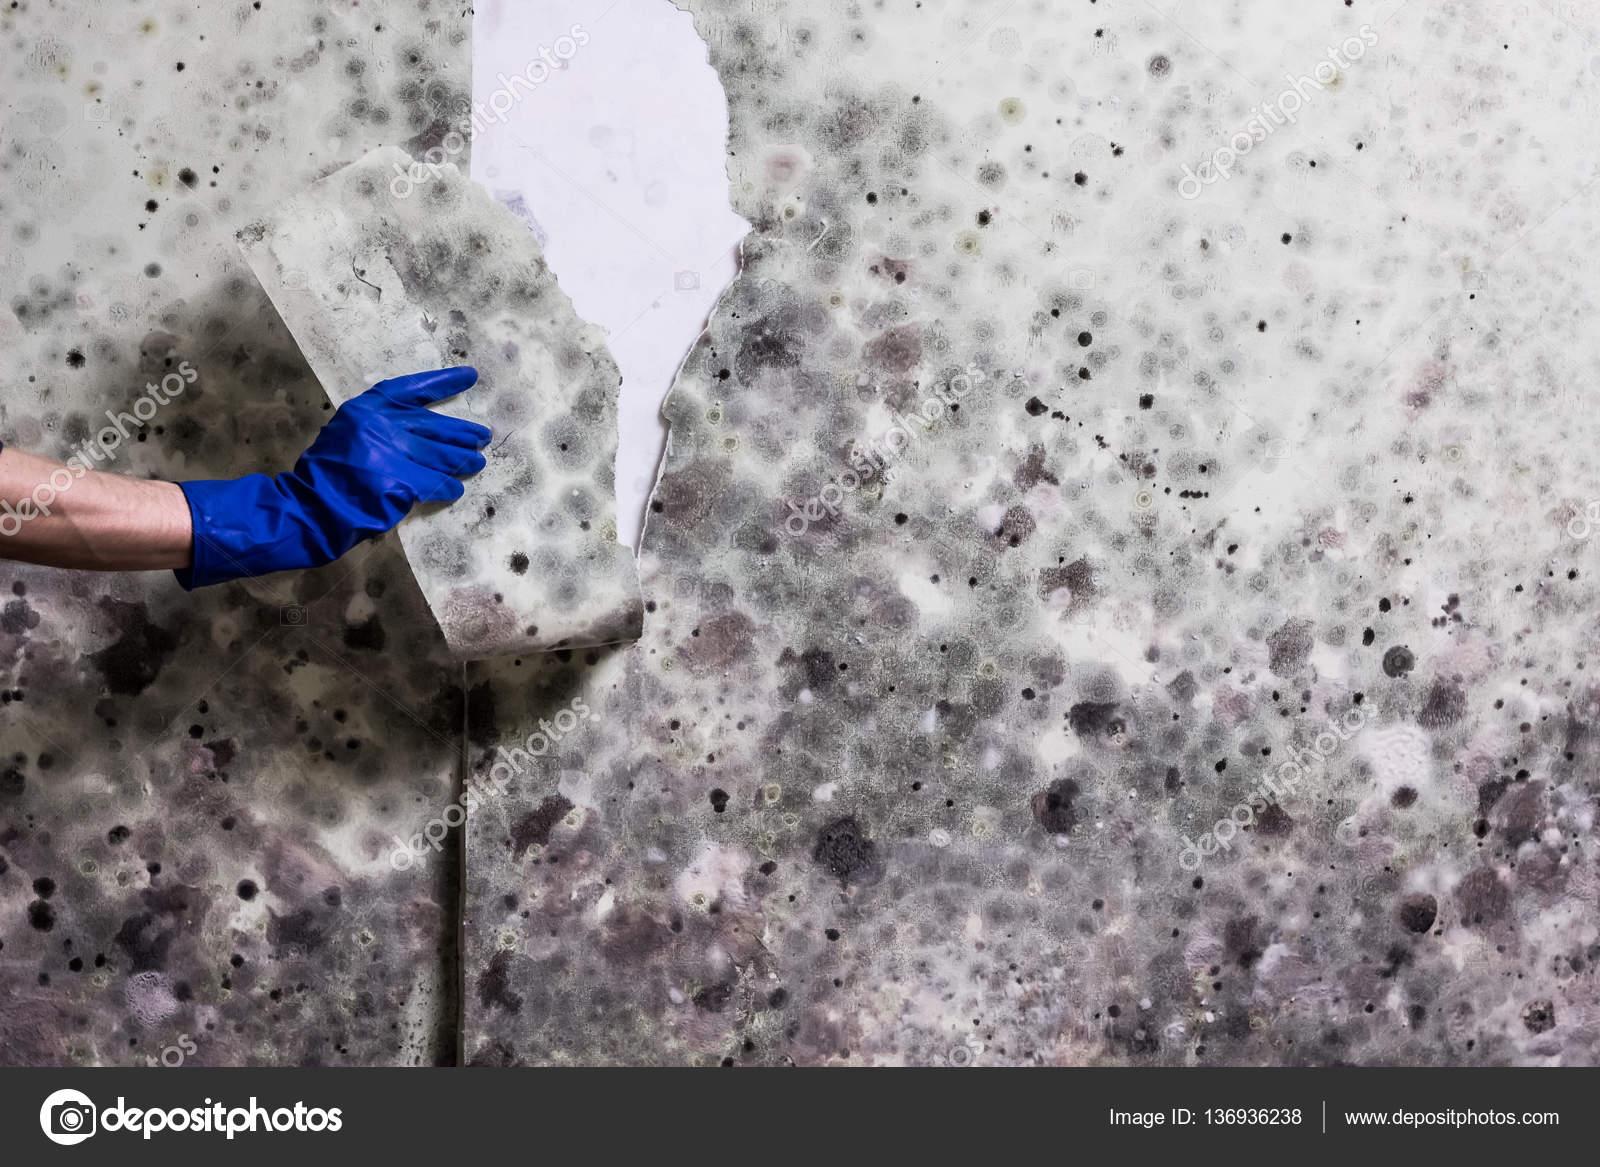 Schimmel Verwijderen Muur : Verwijderen van schimmel uit de muur in het huis u stockfoto